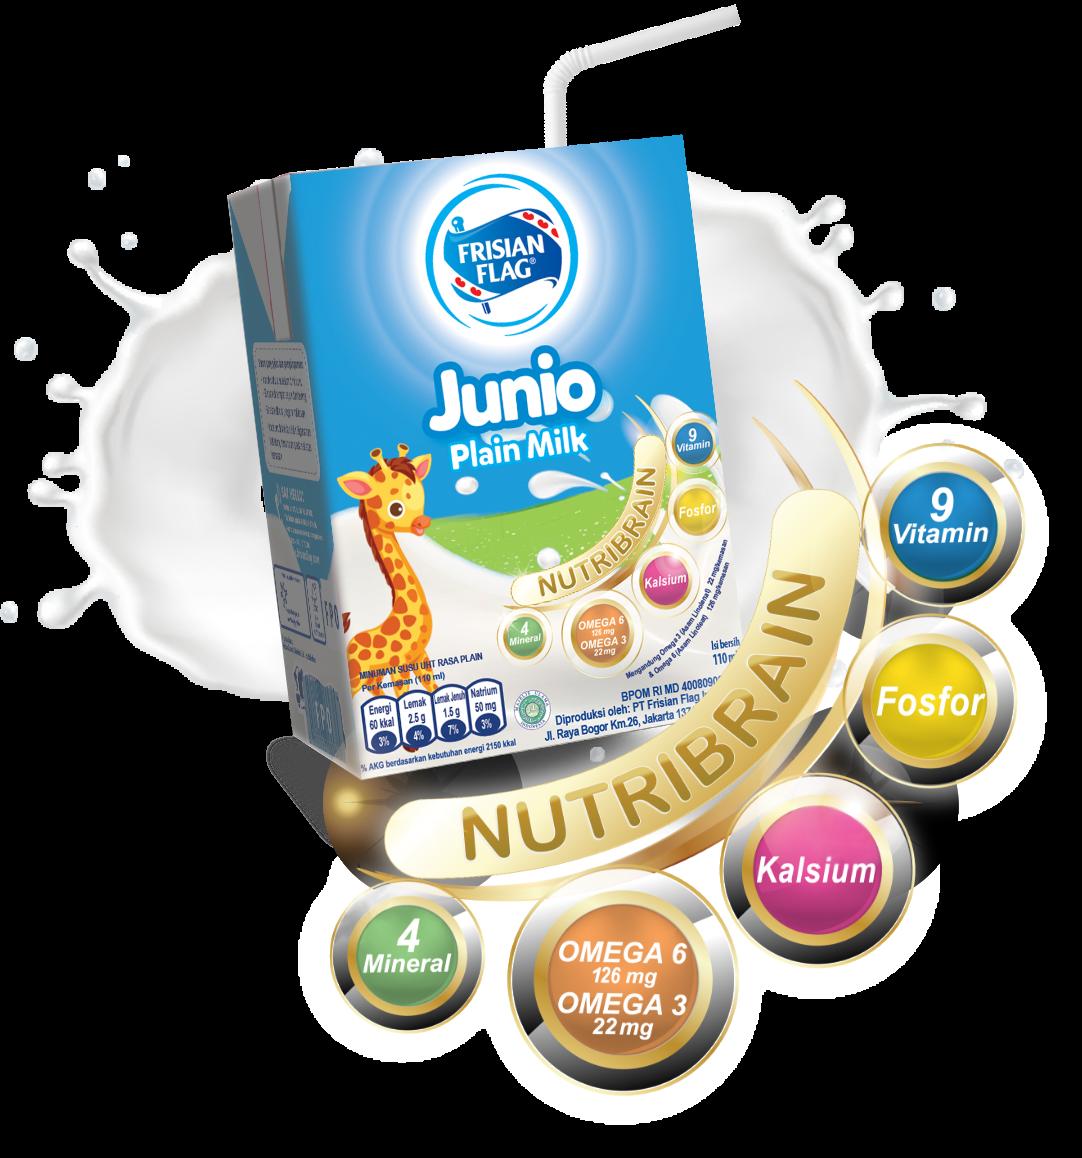 Junio Nutrition